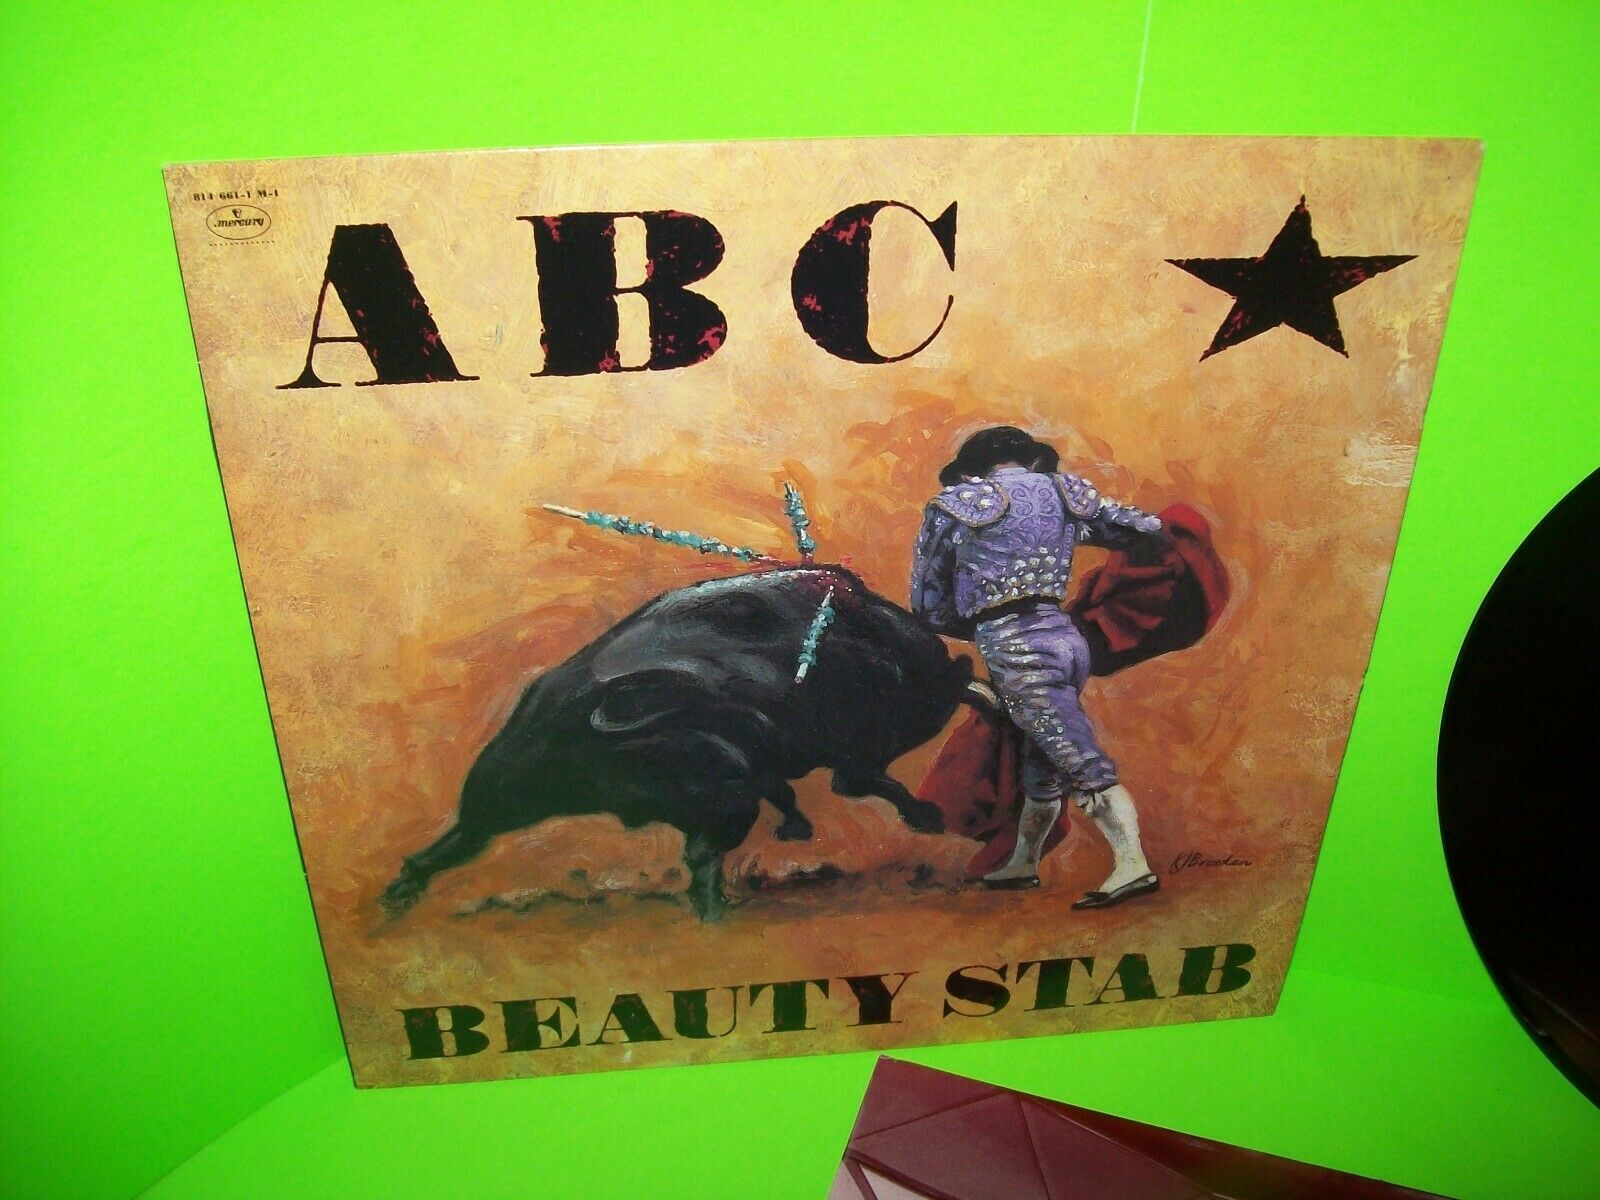 ABC Beauty Stab 1983 Vinyl LP Record Album Synth-Pop Pop Rock New Wave Near Mint